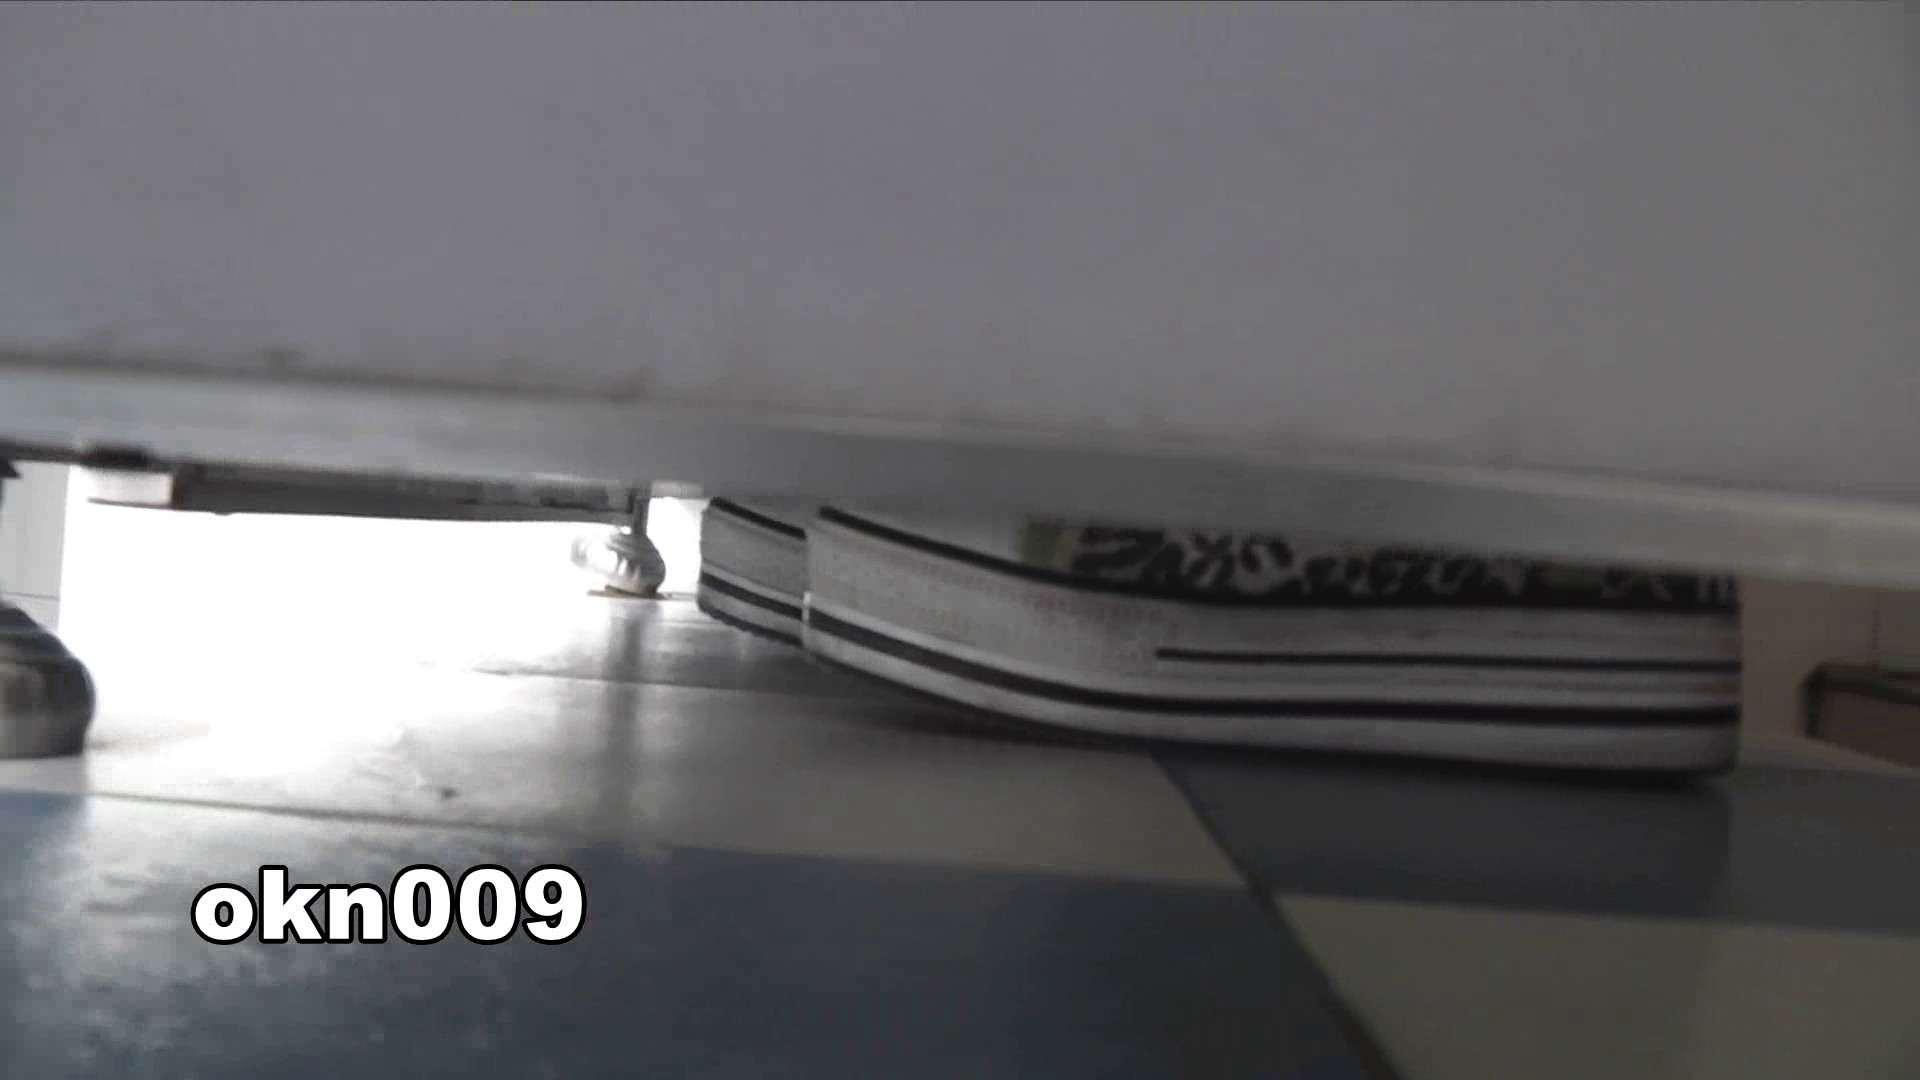 下からノゾム vol.009 リキンでモリアガった割にヒョロ OLのボディ  50PIX 46